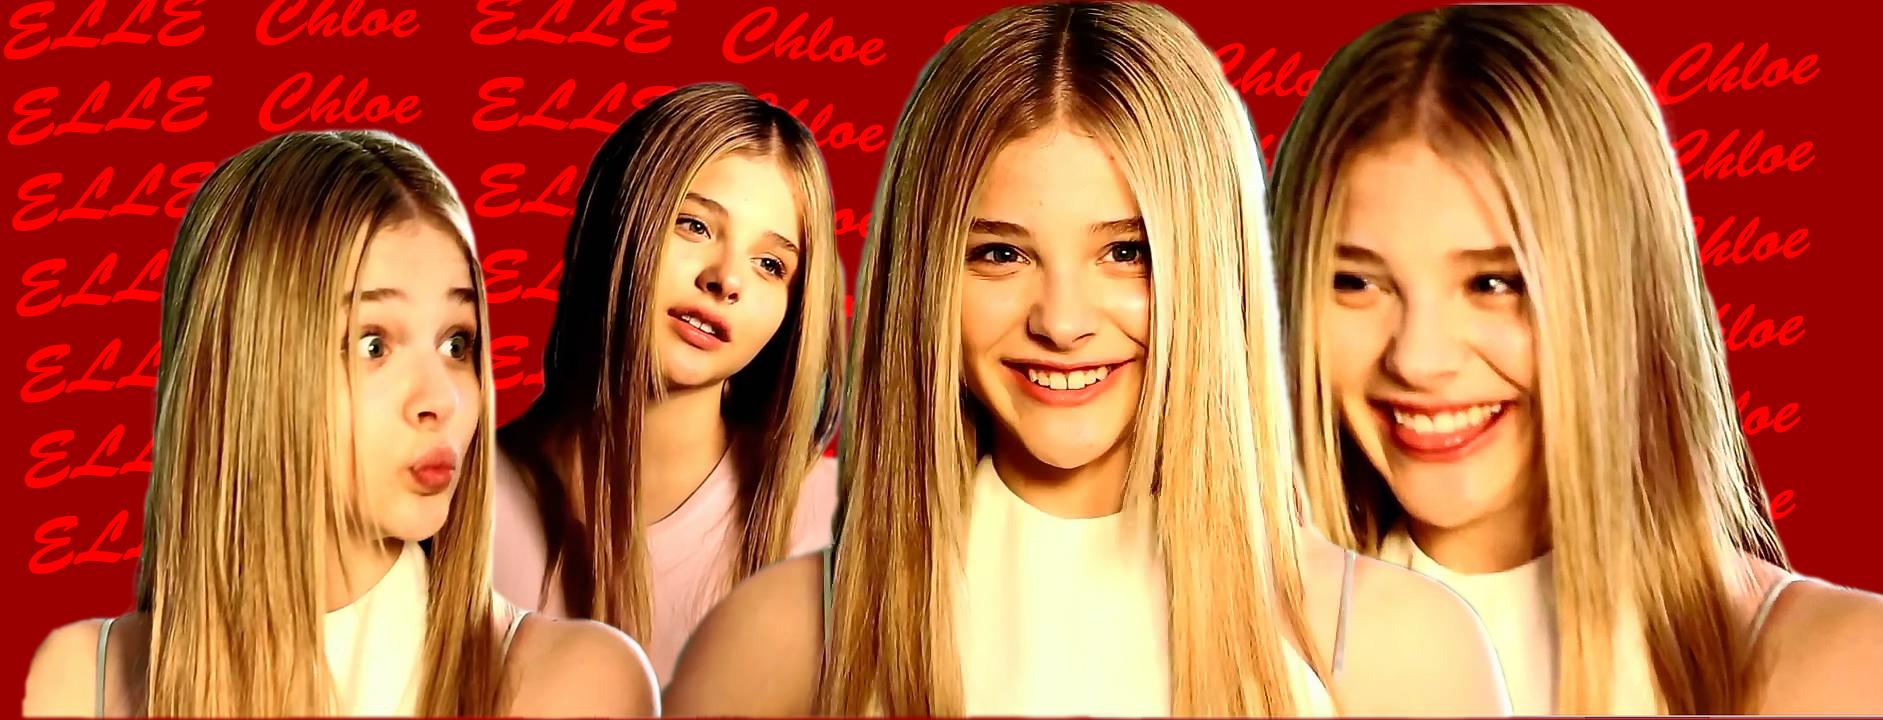 Chloe elle banner